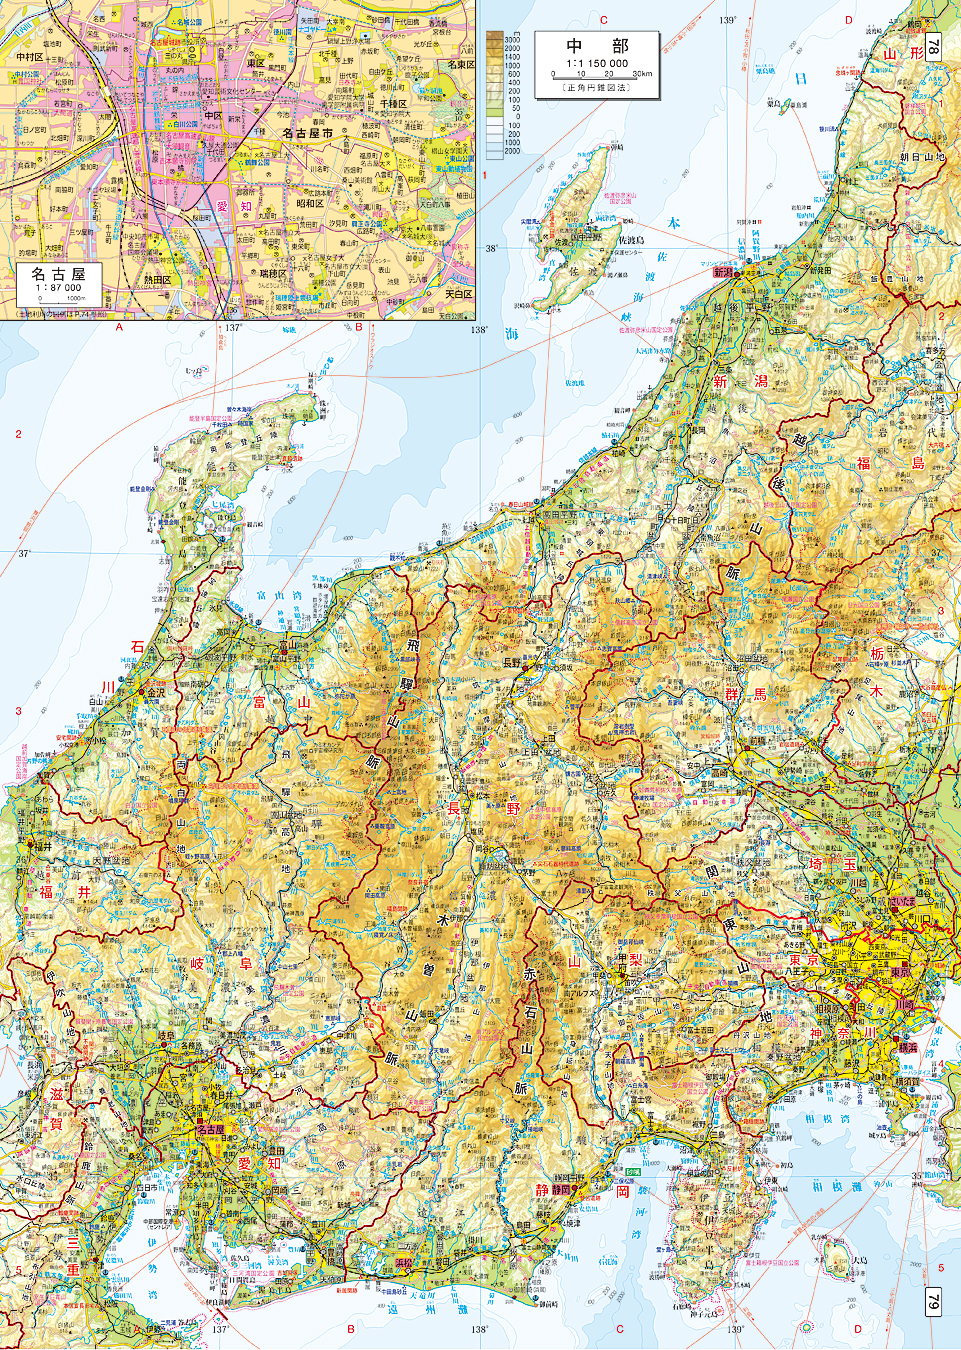 新潟県全域を含めた中部地方